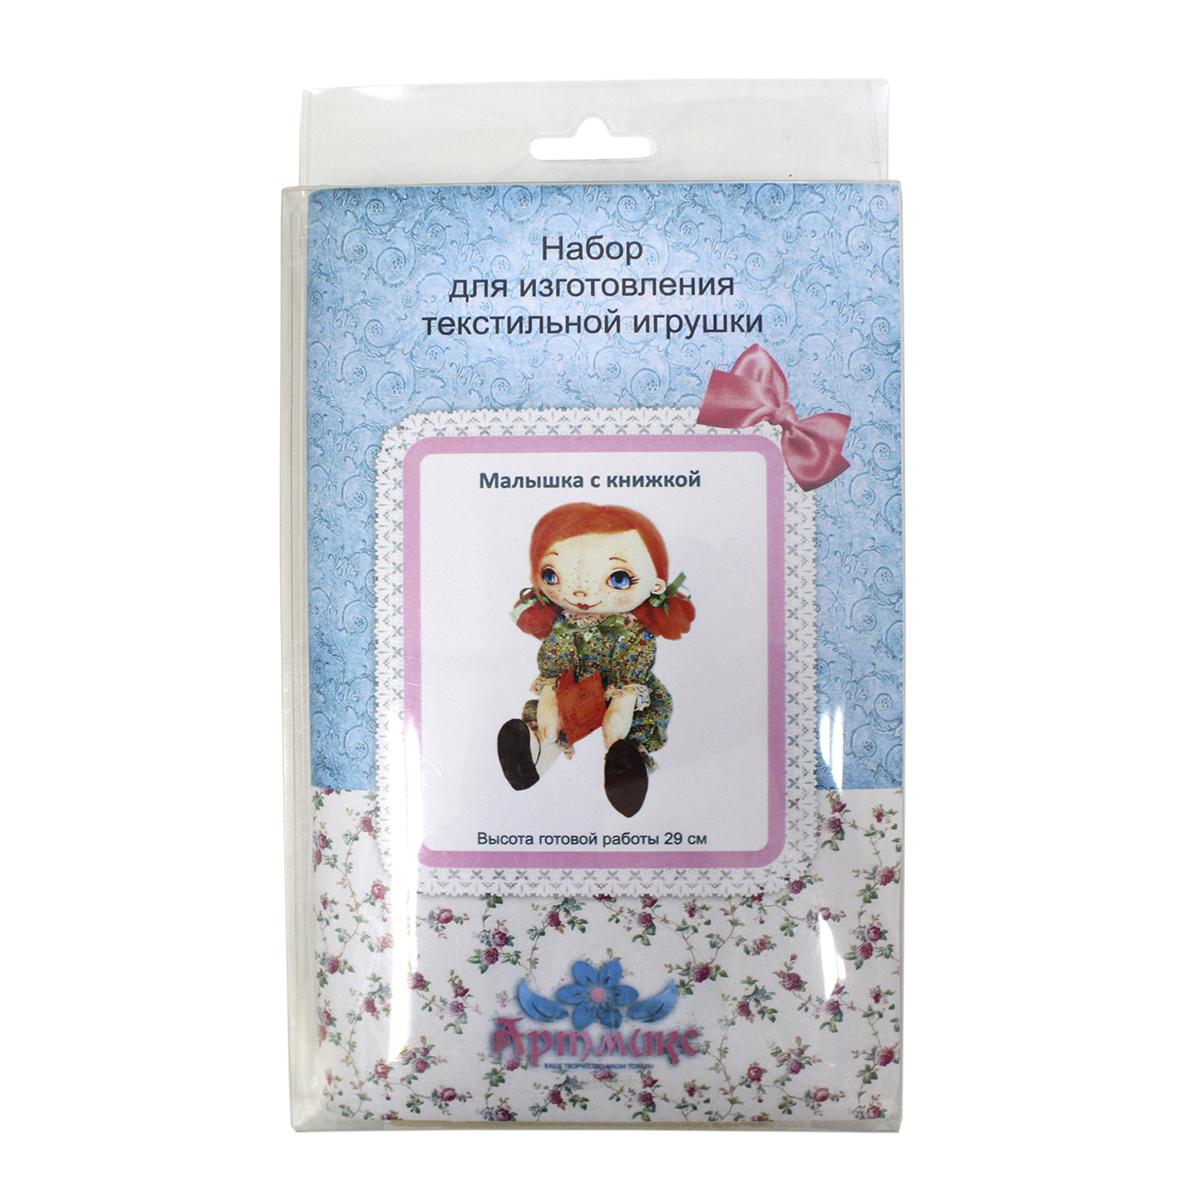 Набор для изготовления текстильной игрушки Артмикс Малышка с книжкой, высота 31 см набор для изготовления текстильной игрушки артмикс мишка папа высота 25 см